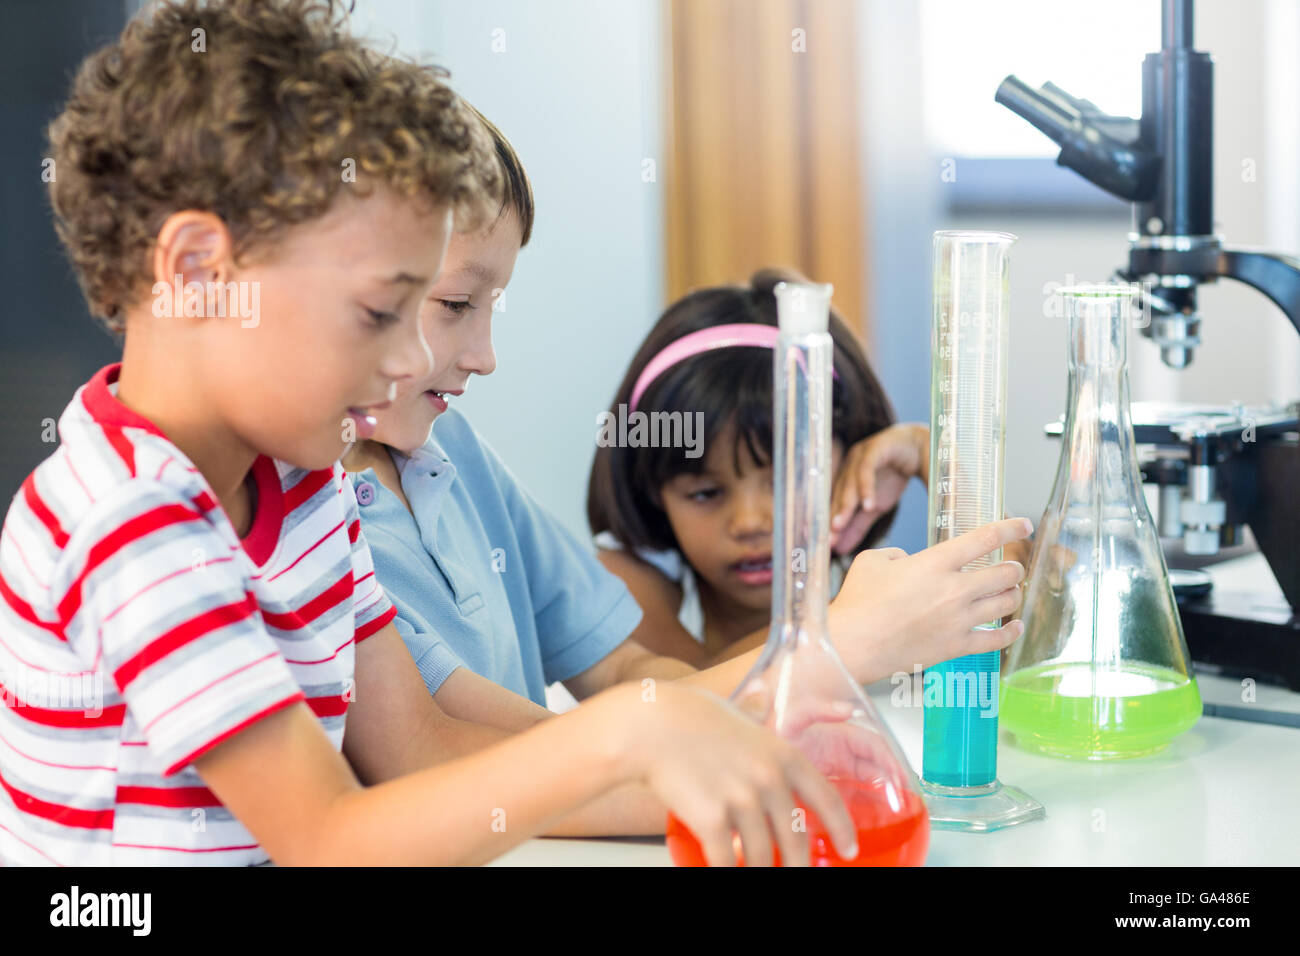 Schoolchildren with scientific equipment - Stock Image